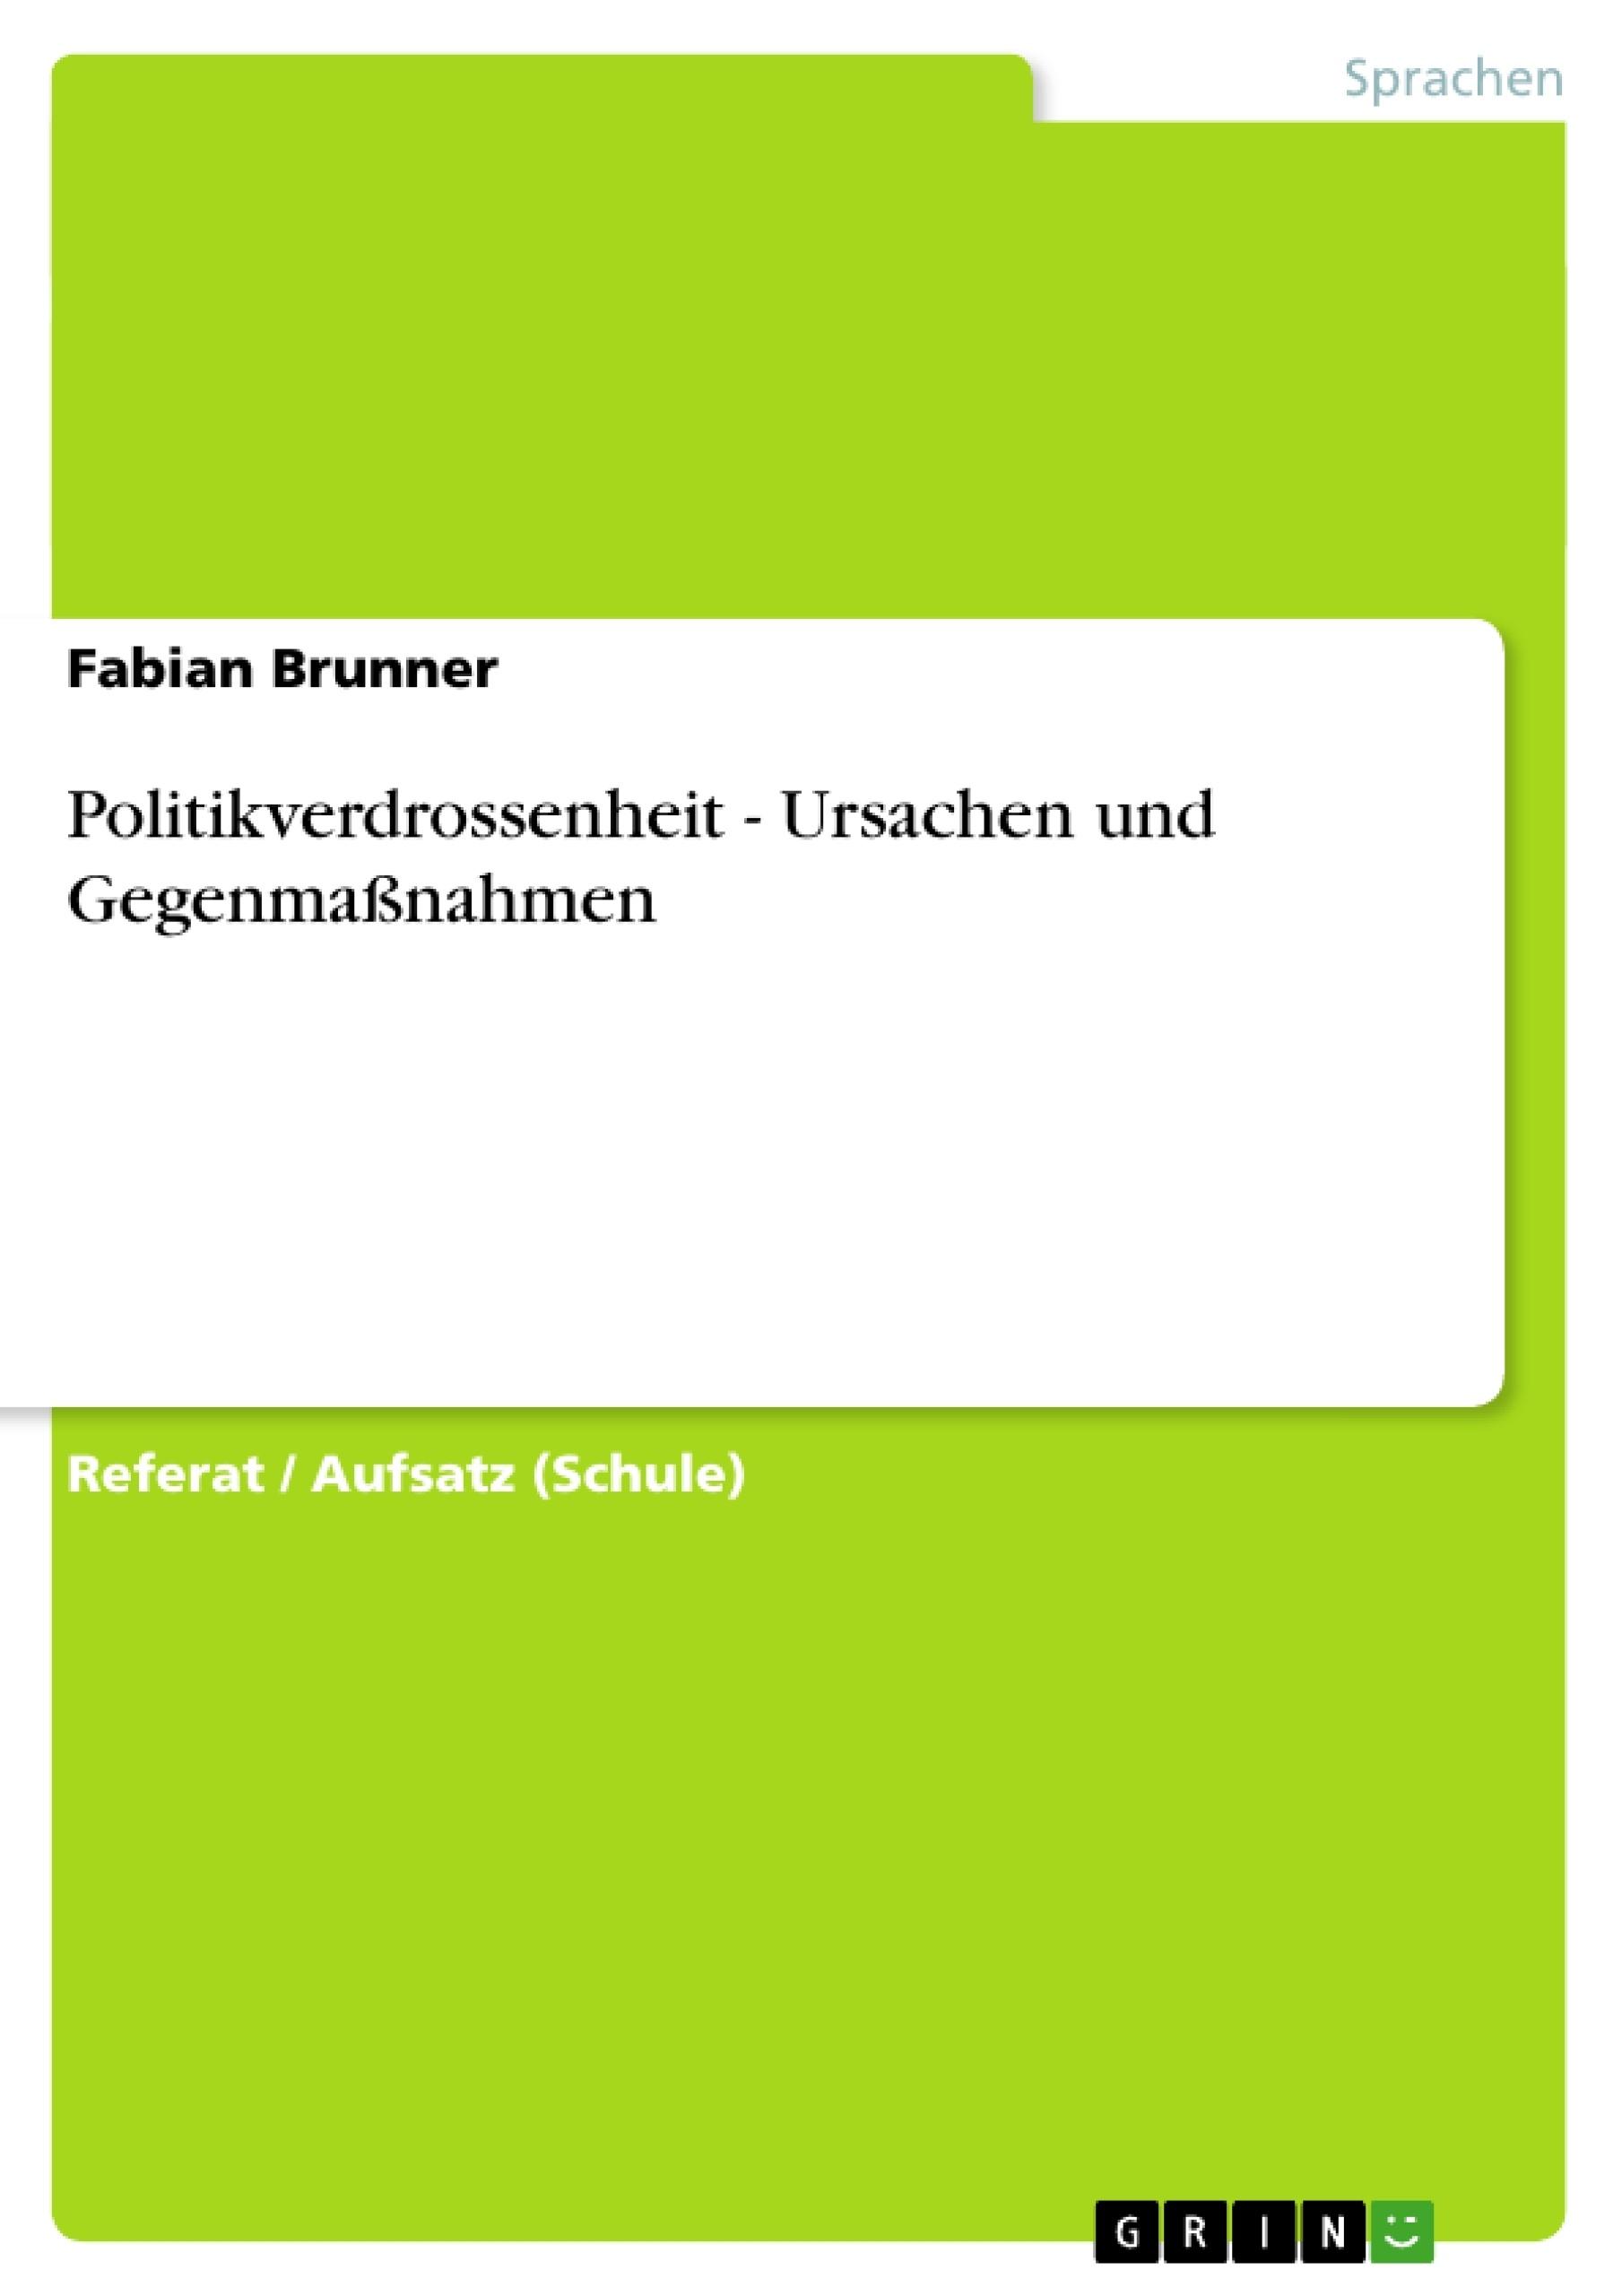 Titel: Politikverdrossenheit - Ursachen und Gegenmaßnahmen